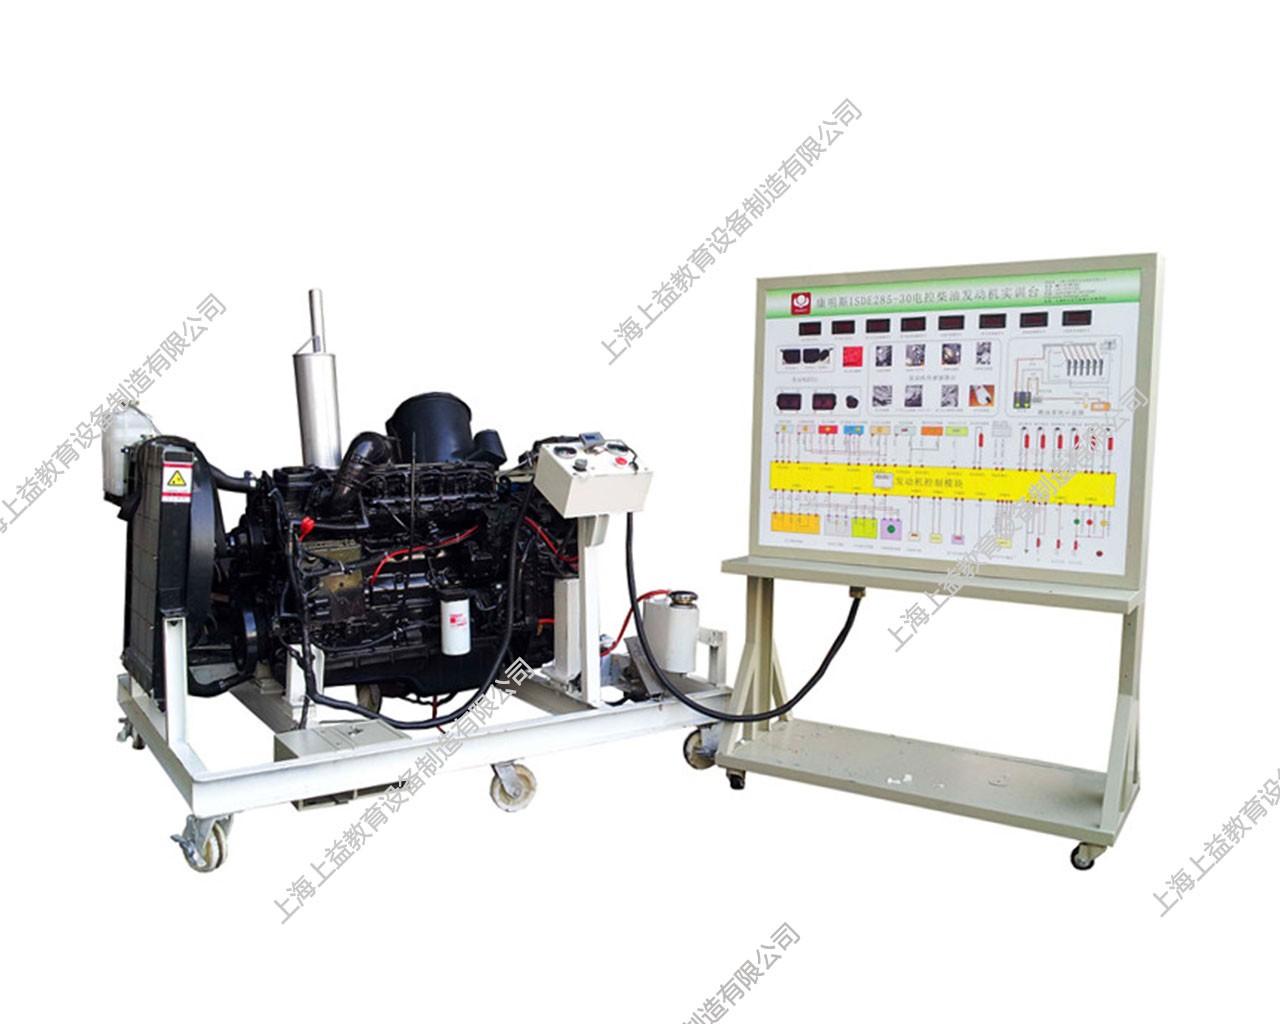 电控高压共轨柴油发动机wwwlehu8vip台(康明斯ISDE285-30)